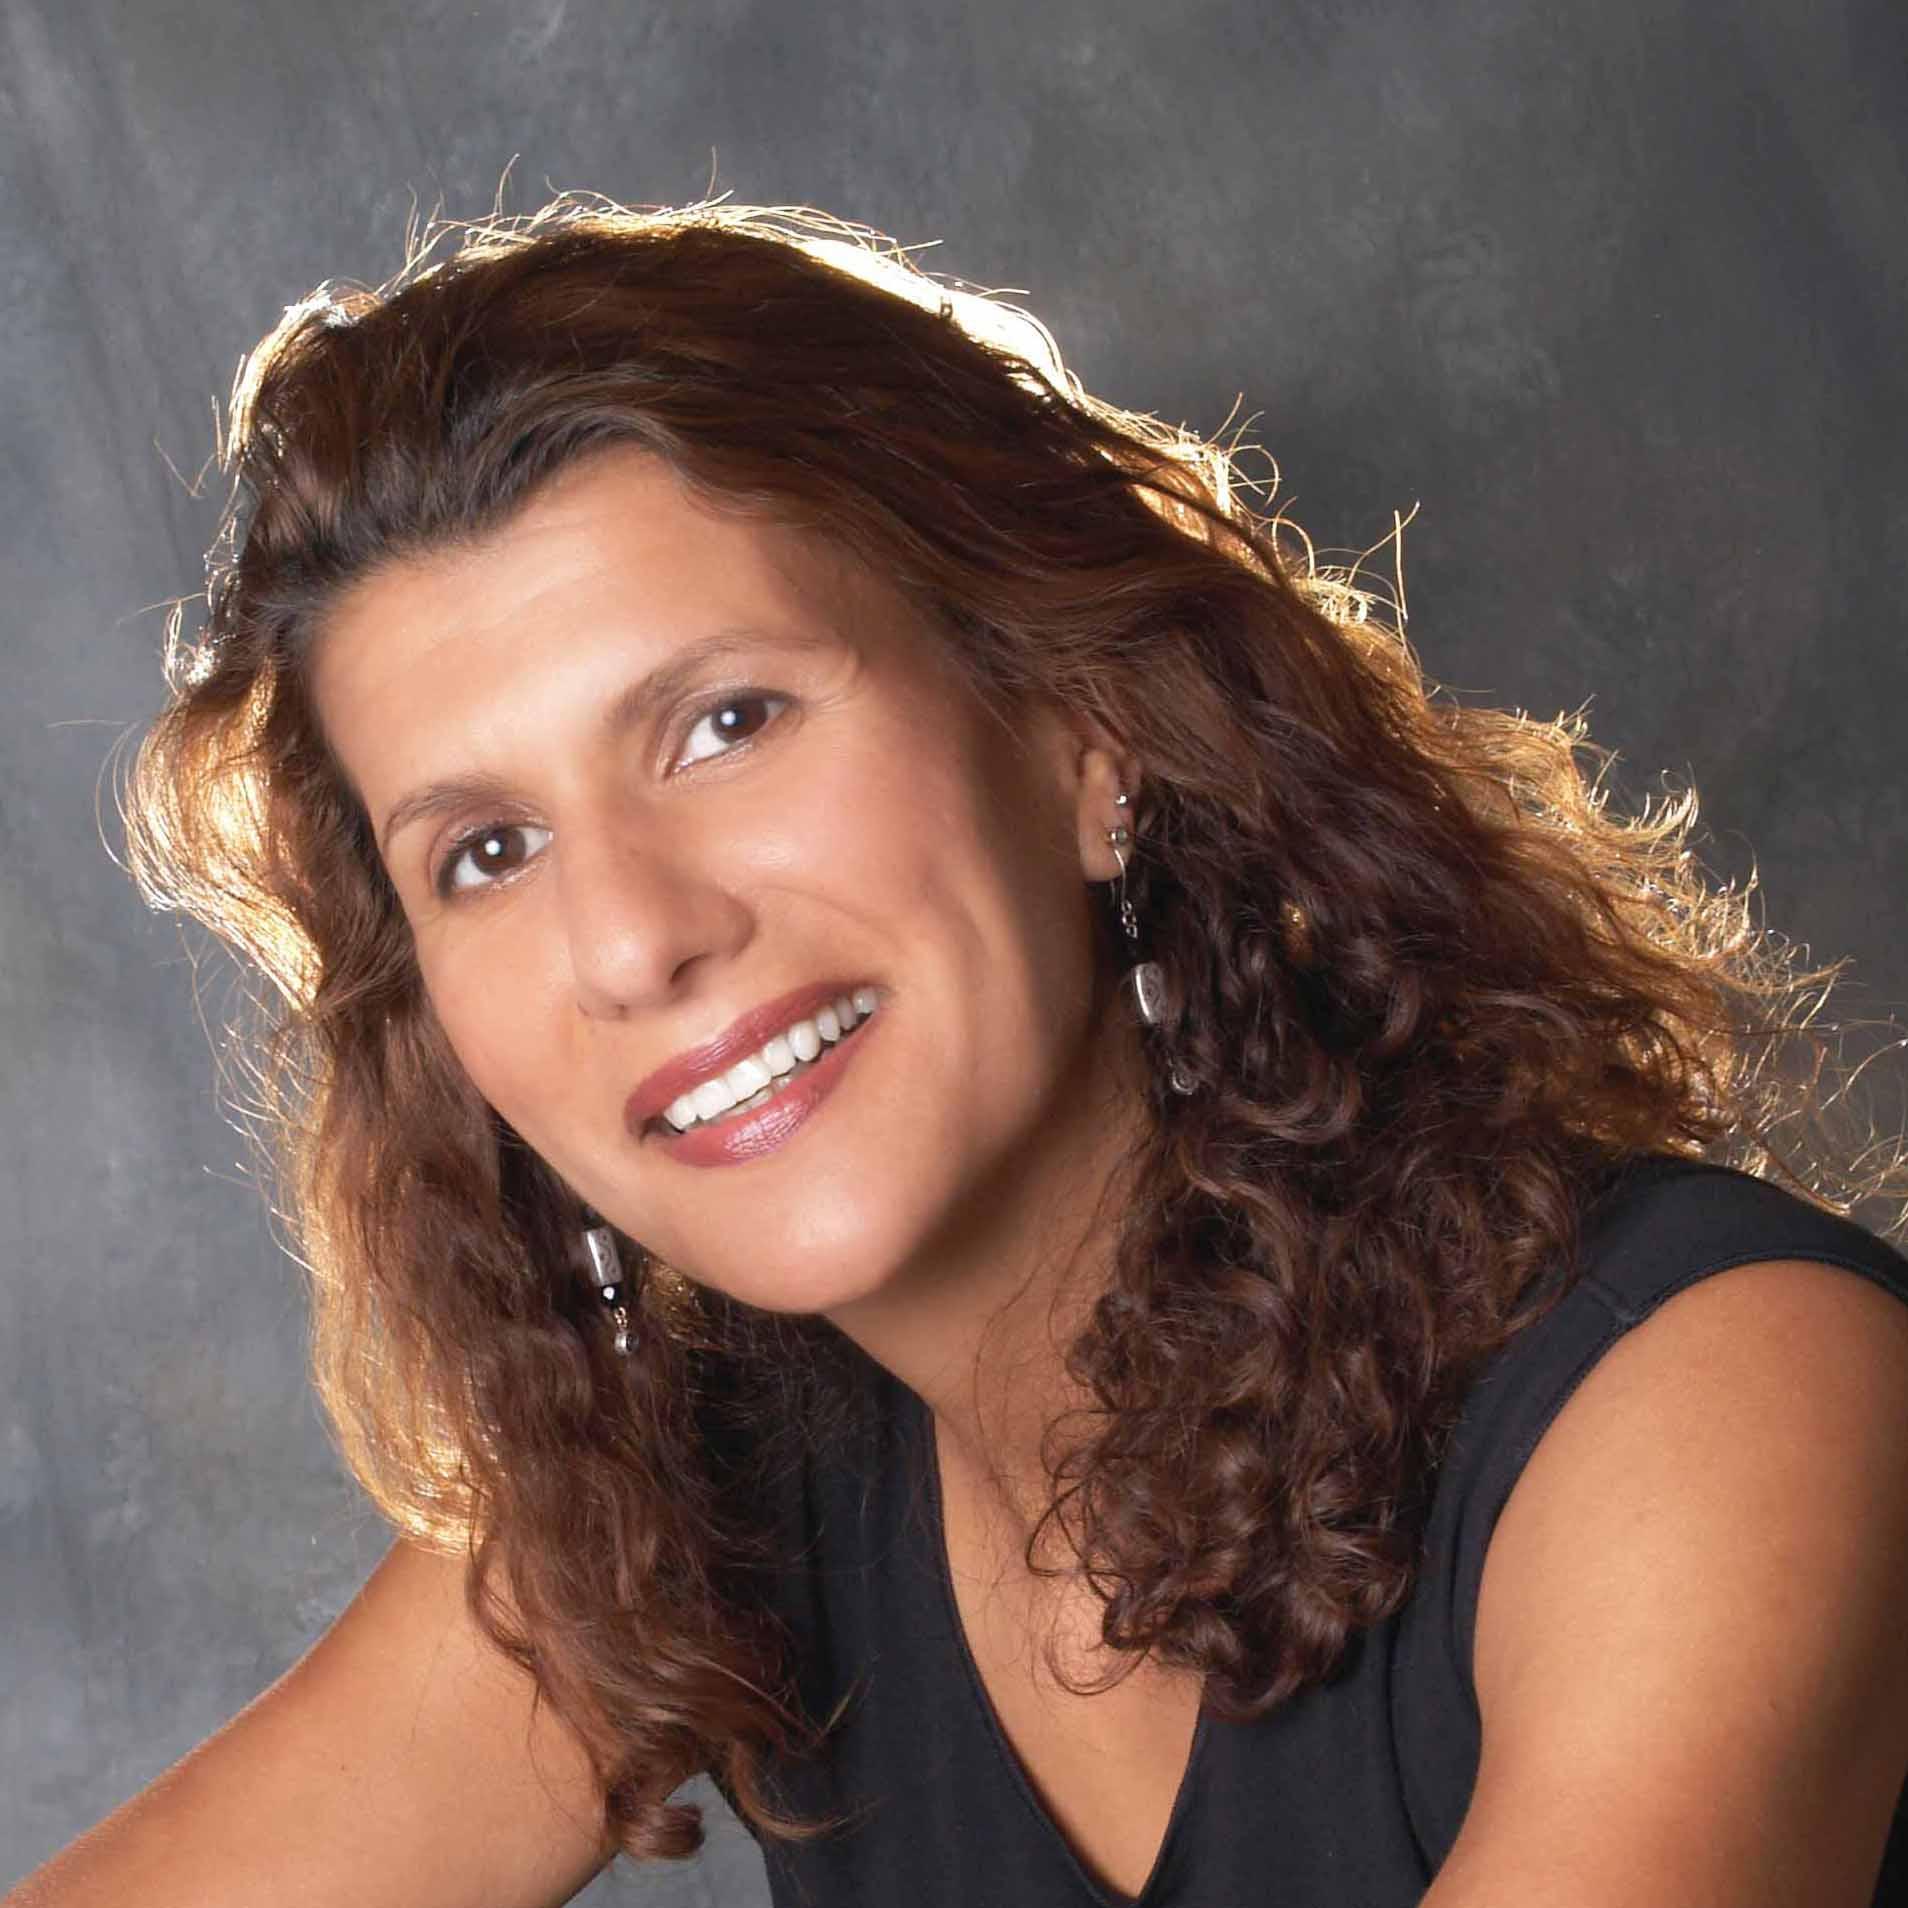 Nadia Shalaby